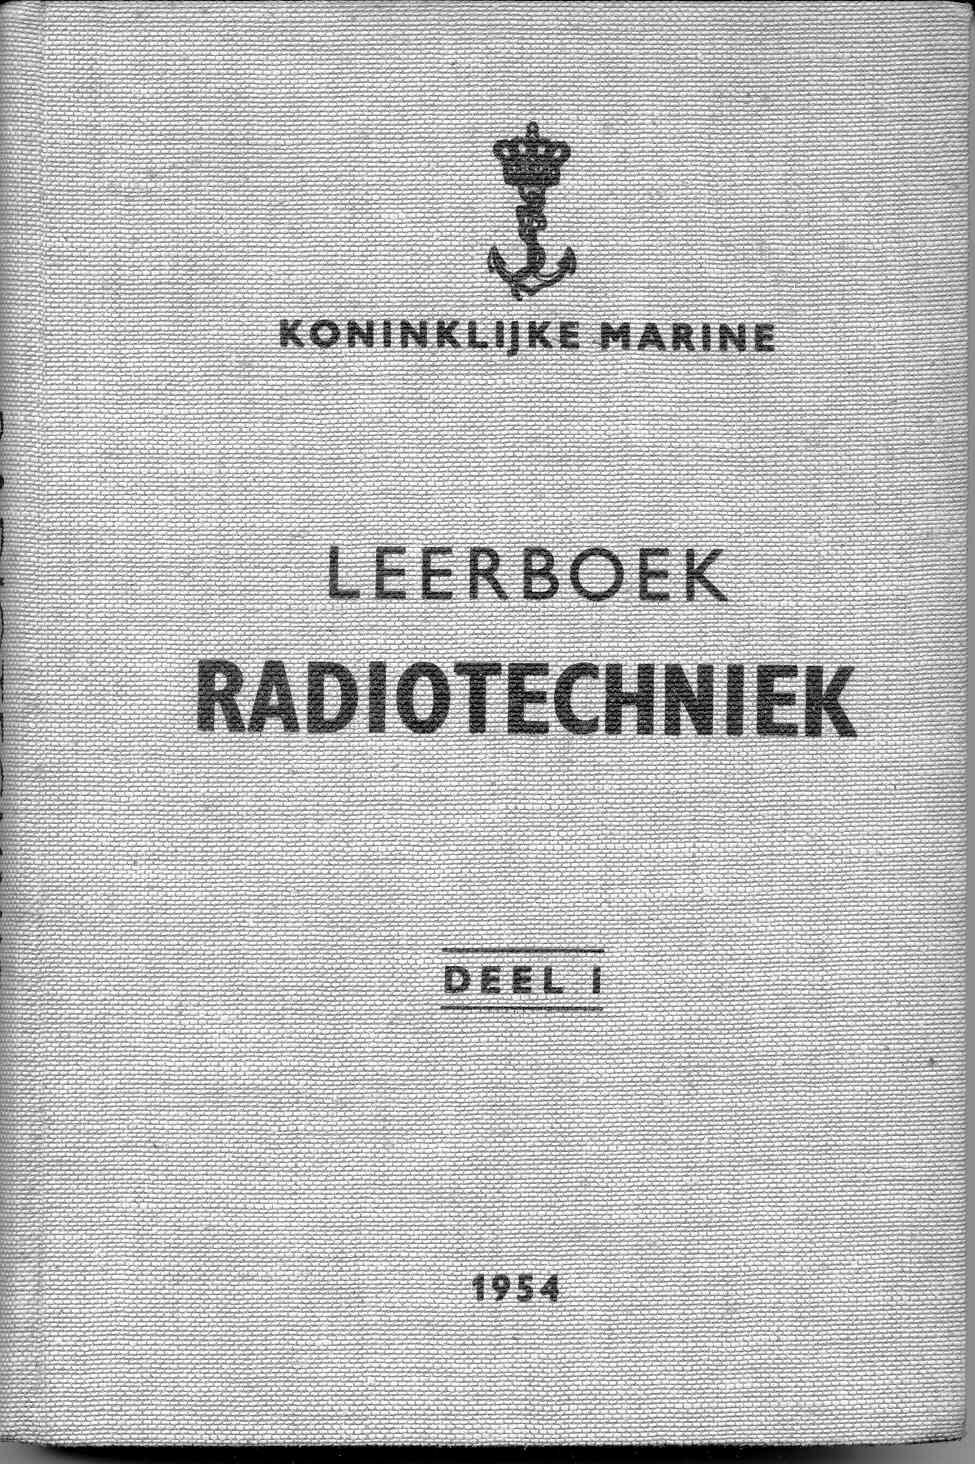 10 TOKM  Leerboek Radio-techniek